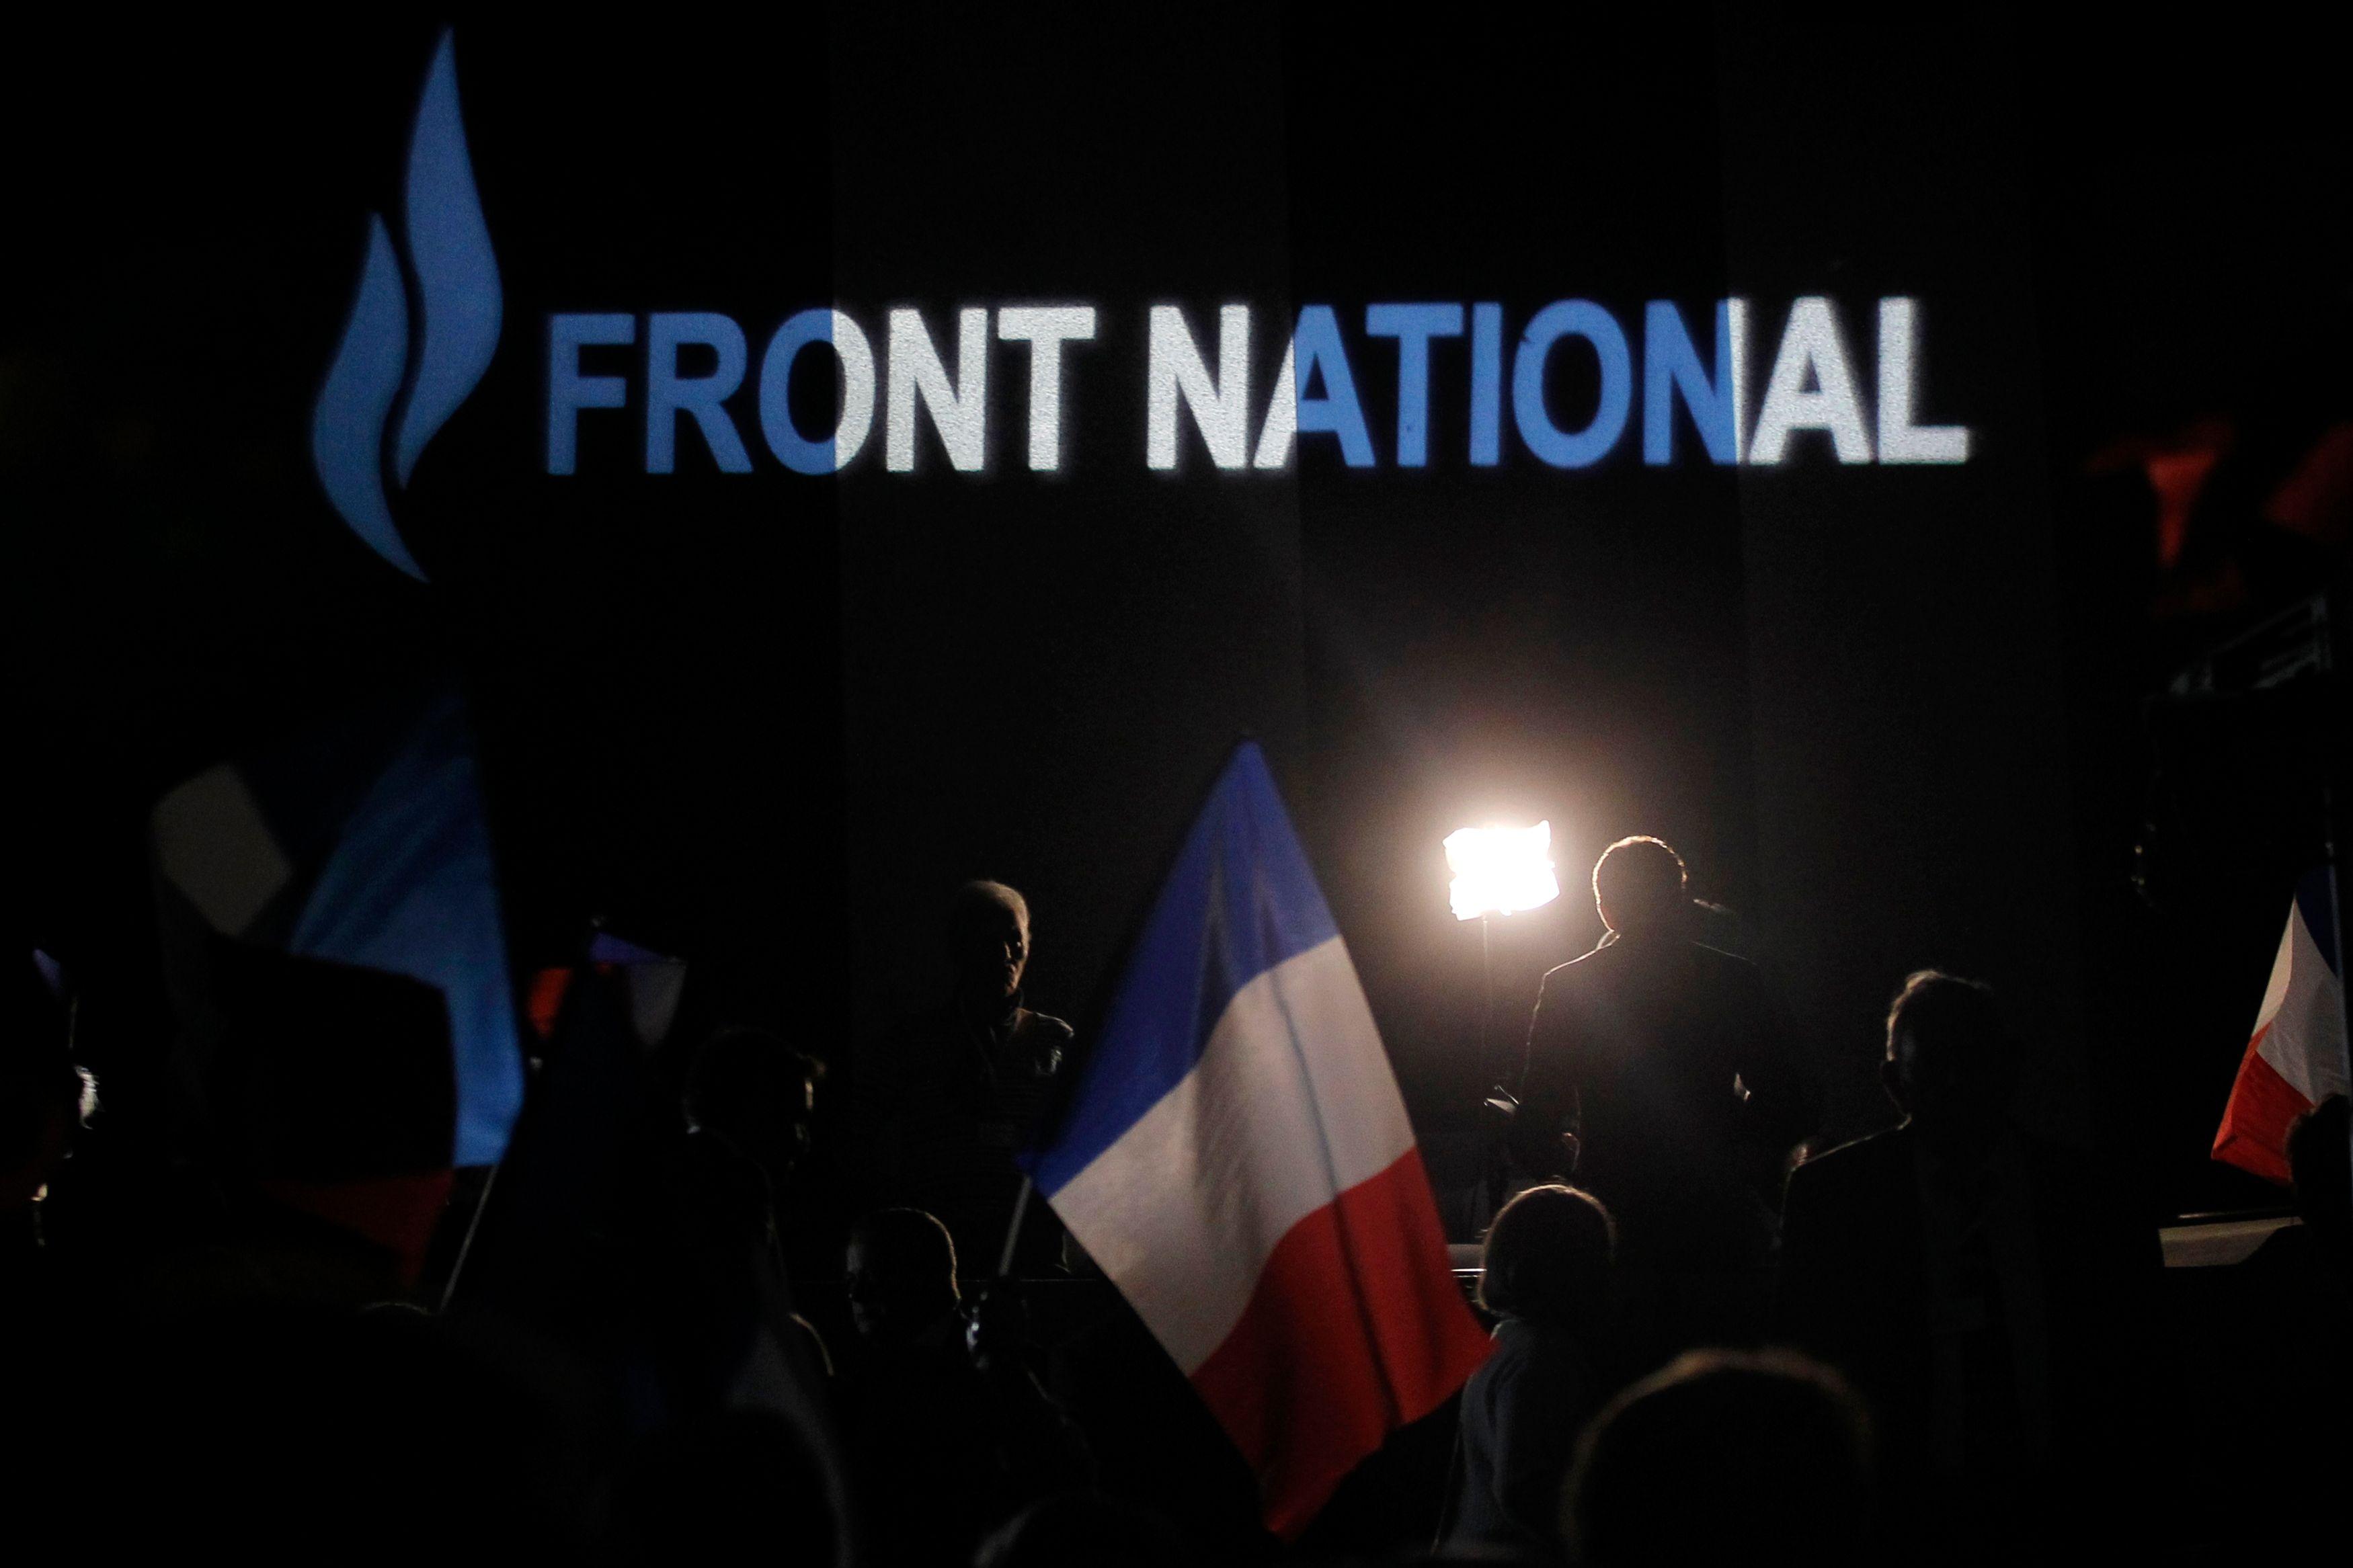 Municipales à Hénin-Beaumont : le FN de Steeve Briois l'emporterait